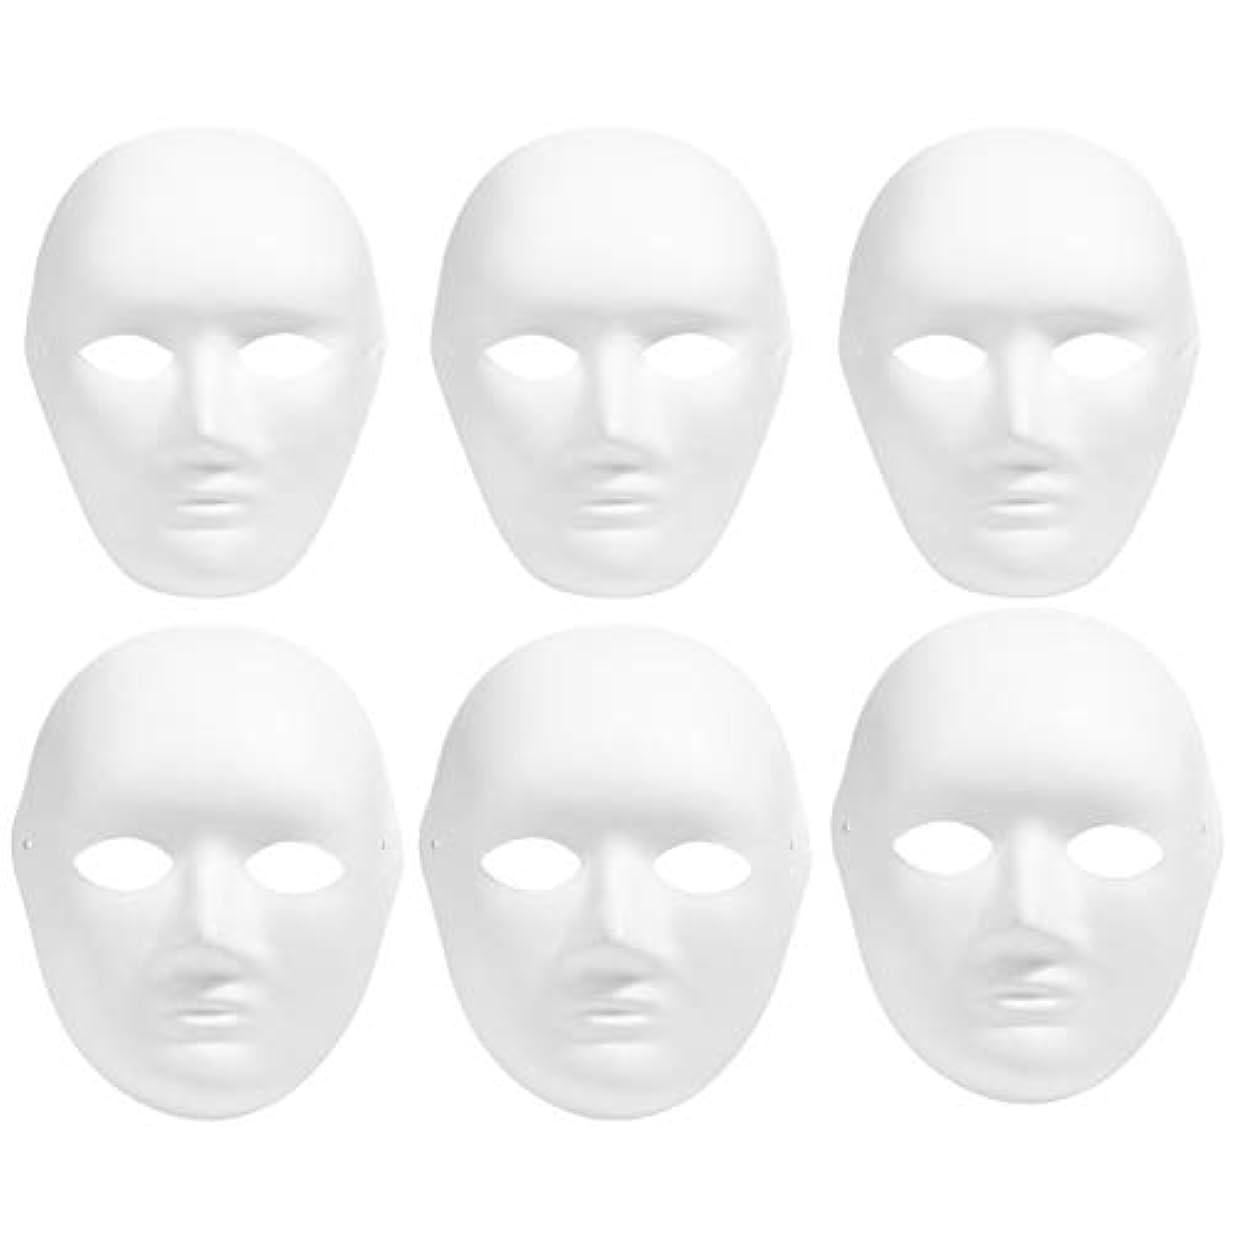 艶上へ主にマスク ハロウィン 怖い 白い人面マスク ハロウィンマスク ハロウィン 仮装 仮面 コスプレ 6*男性?6*女性